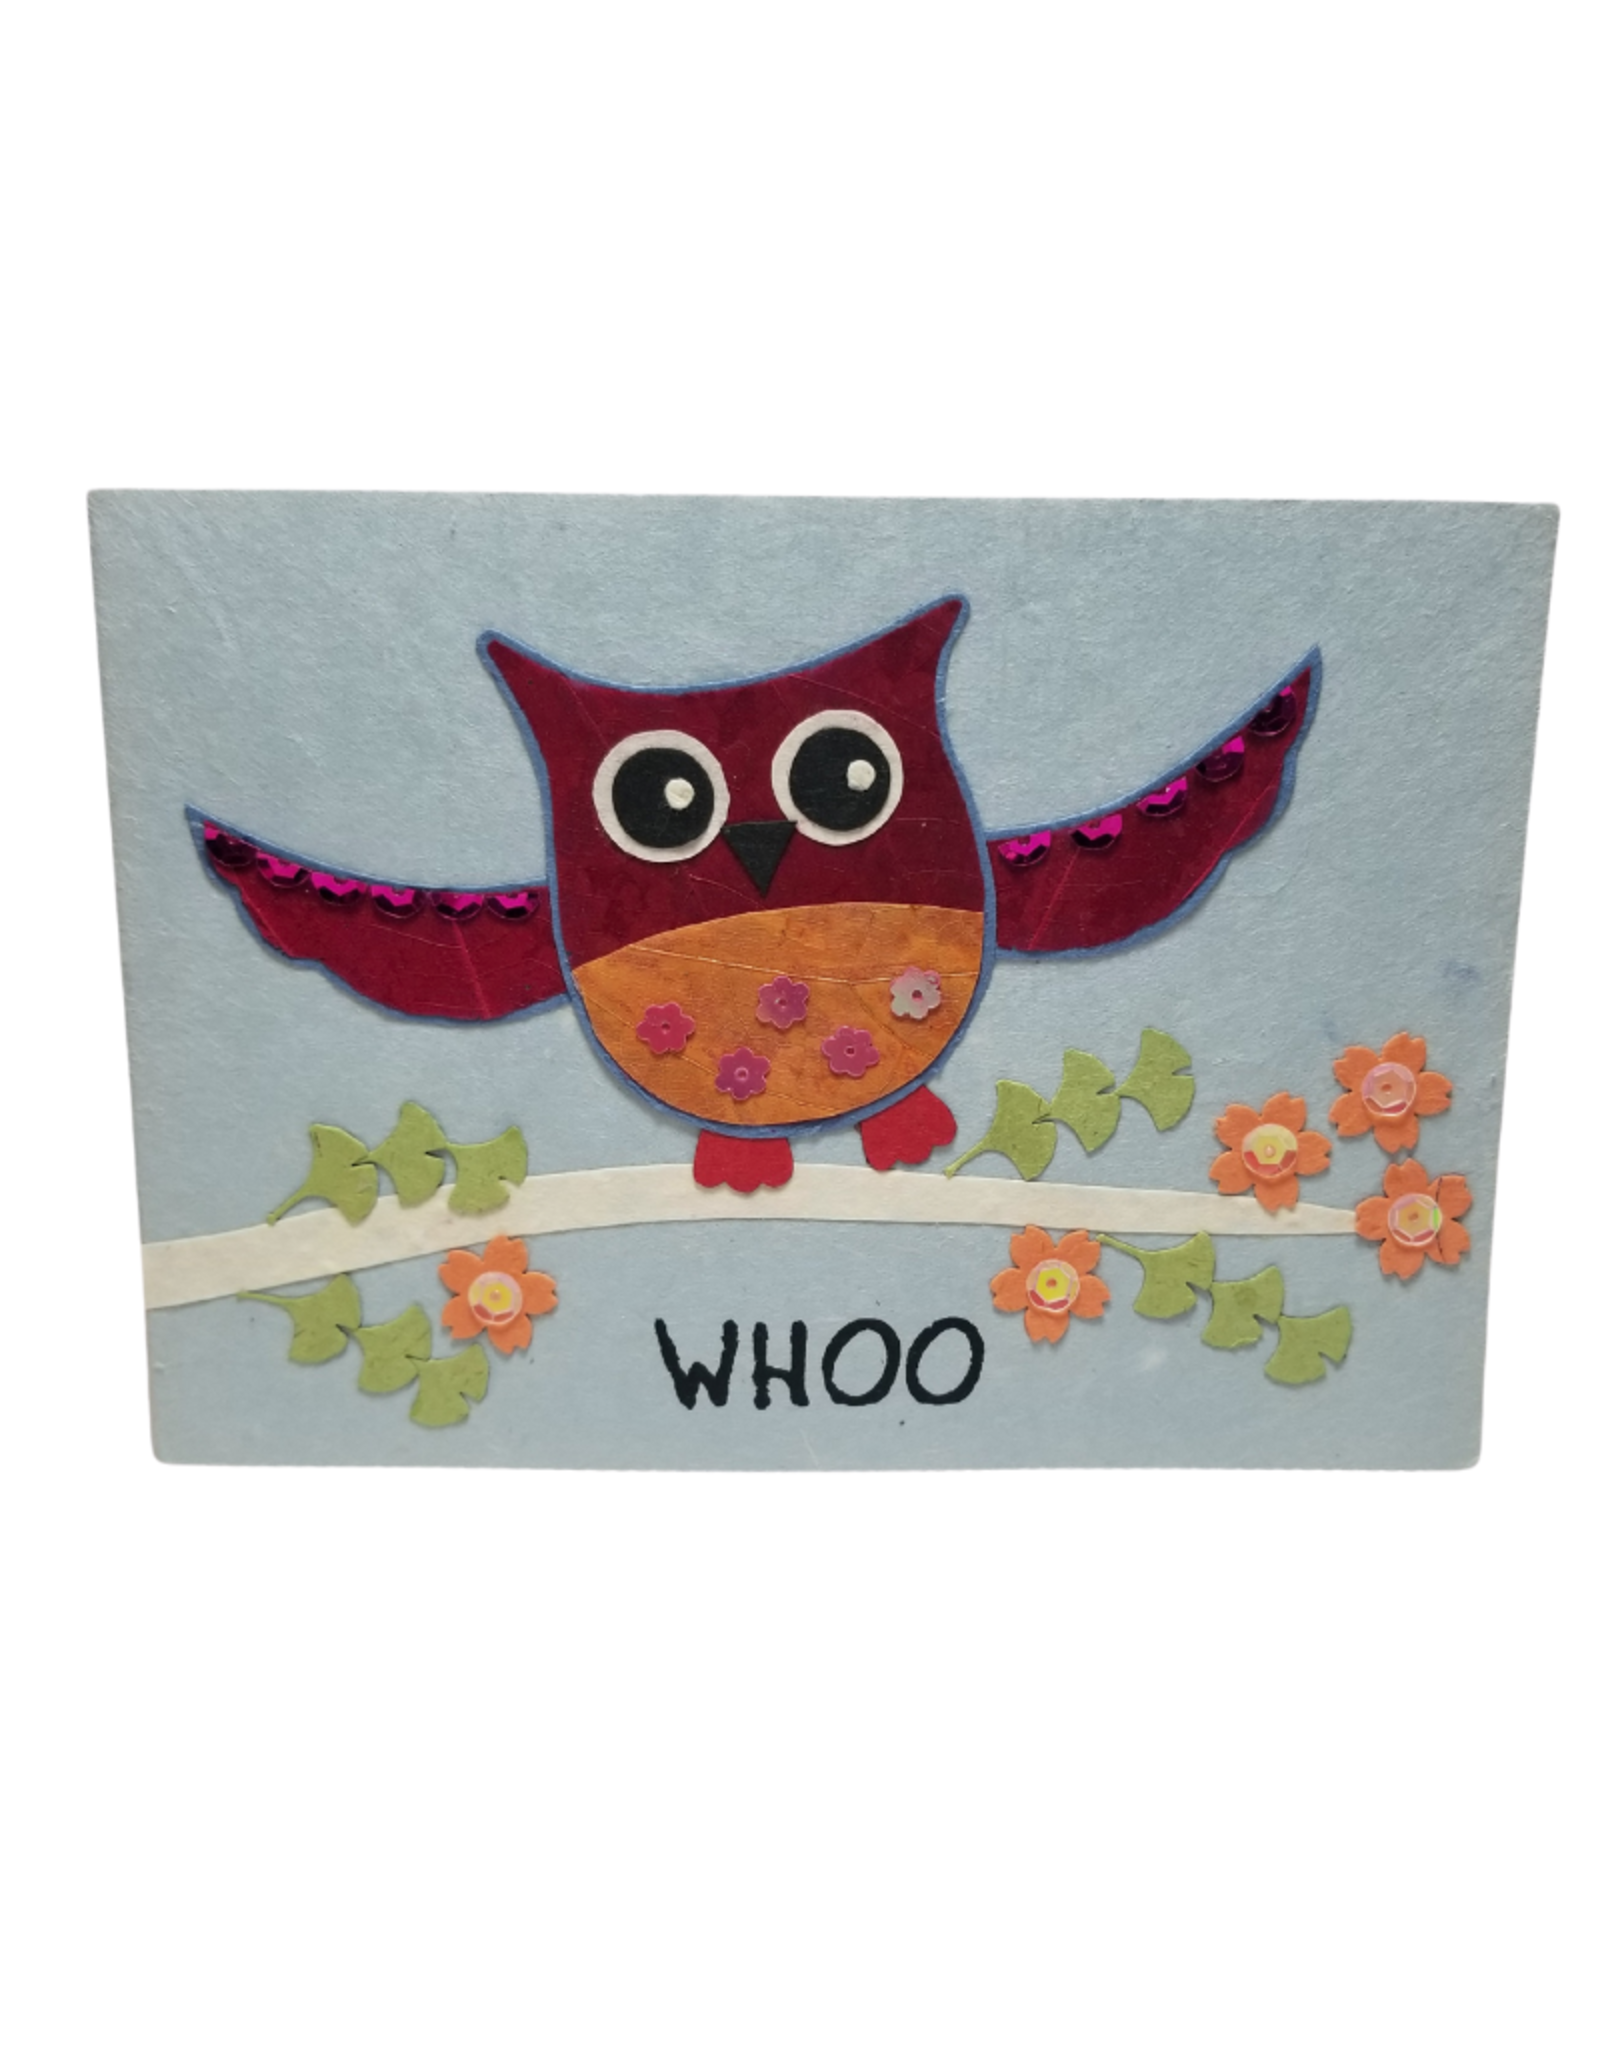 Dancing Owl Card